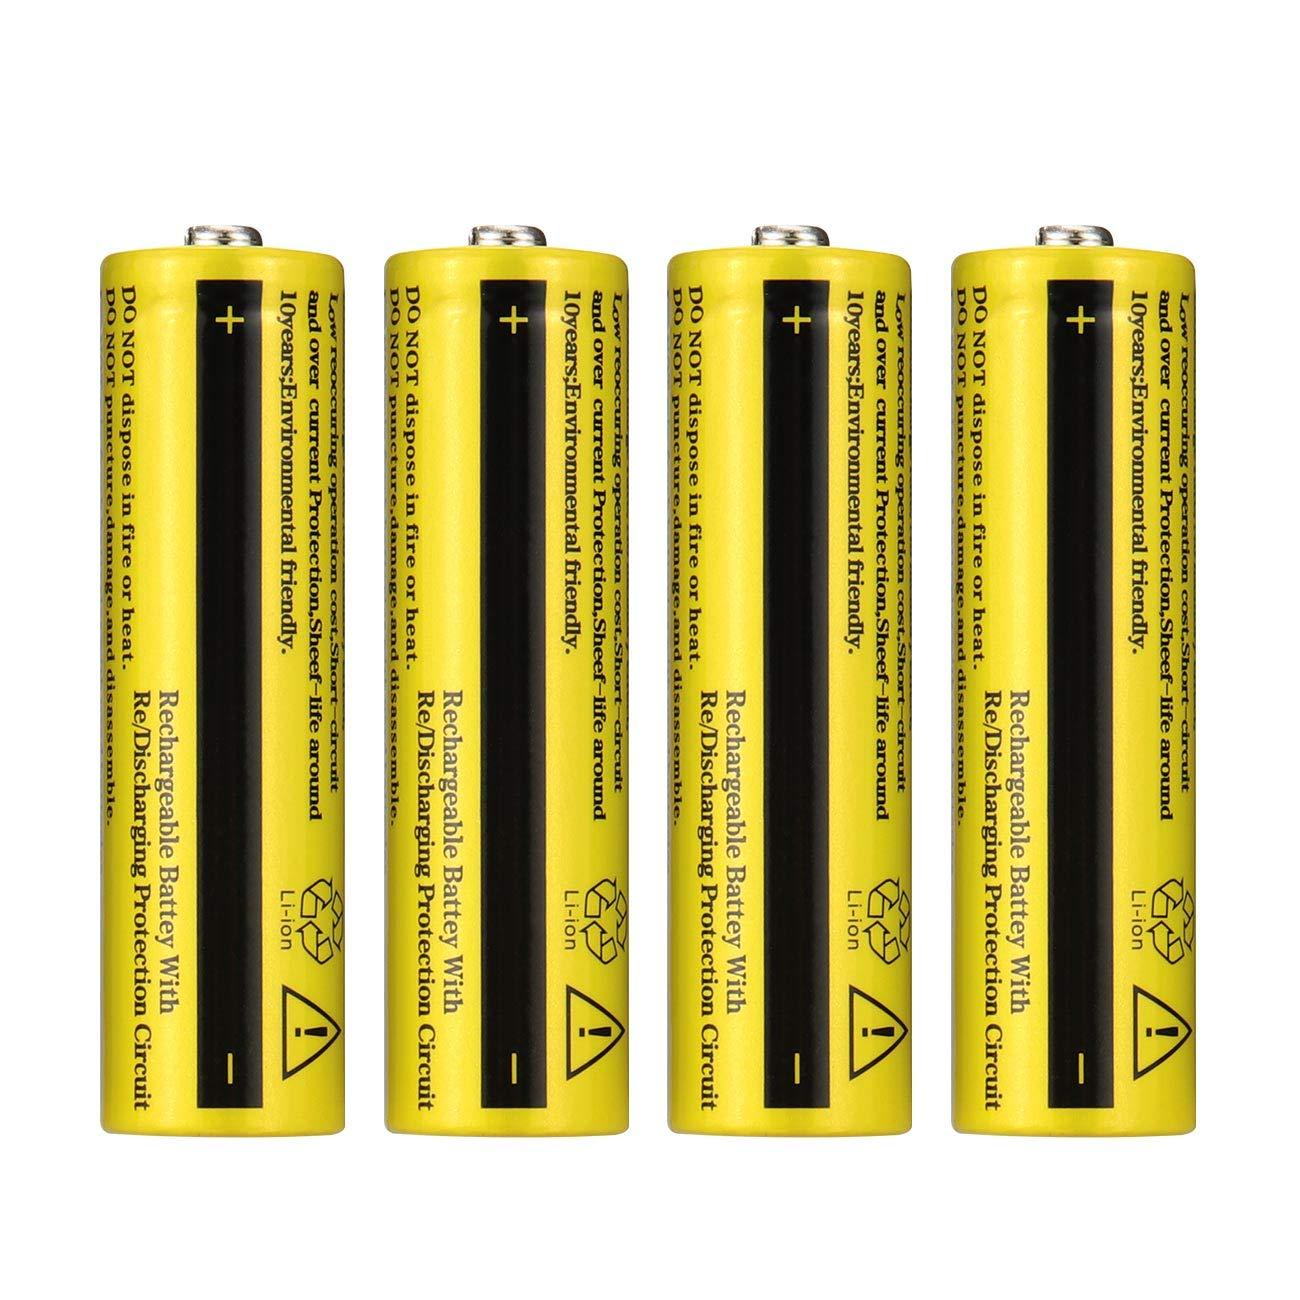 WolfonFire Rechargeable Flashlight Headlamp Batteries